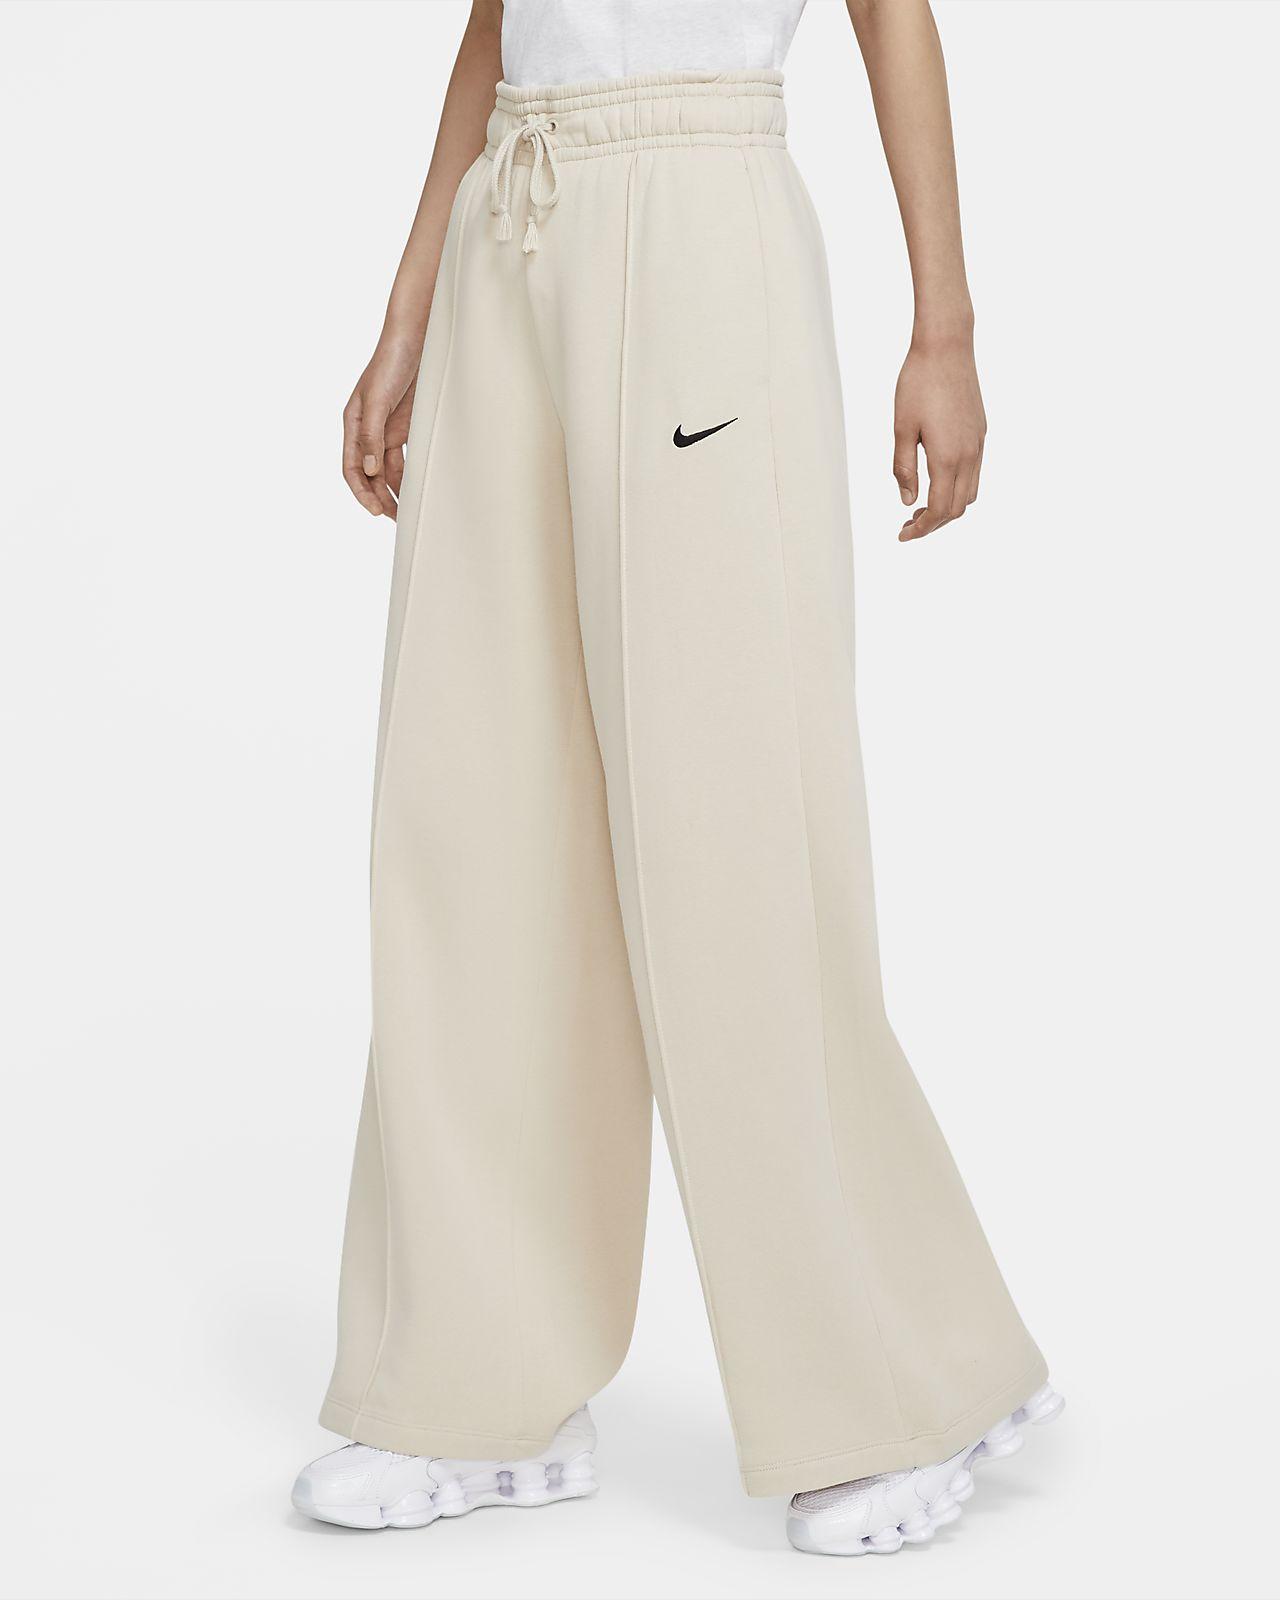 Nike Sportswear Trend Trousers Cream